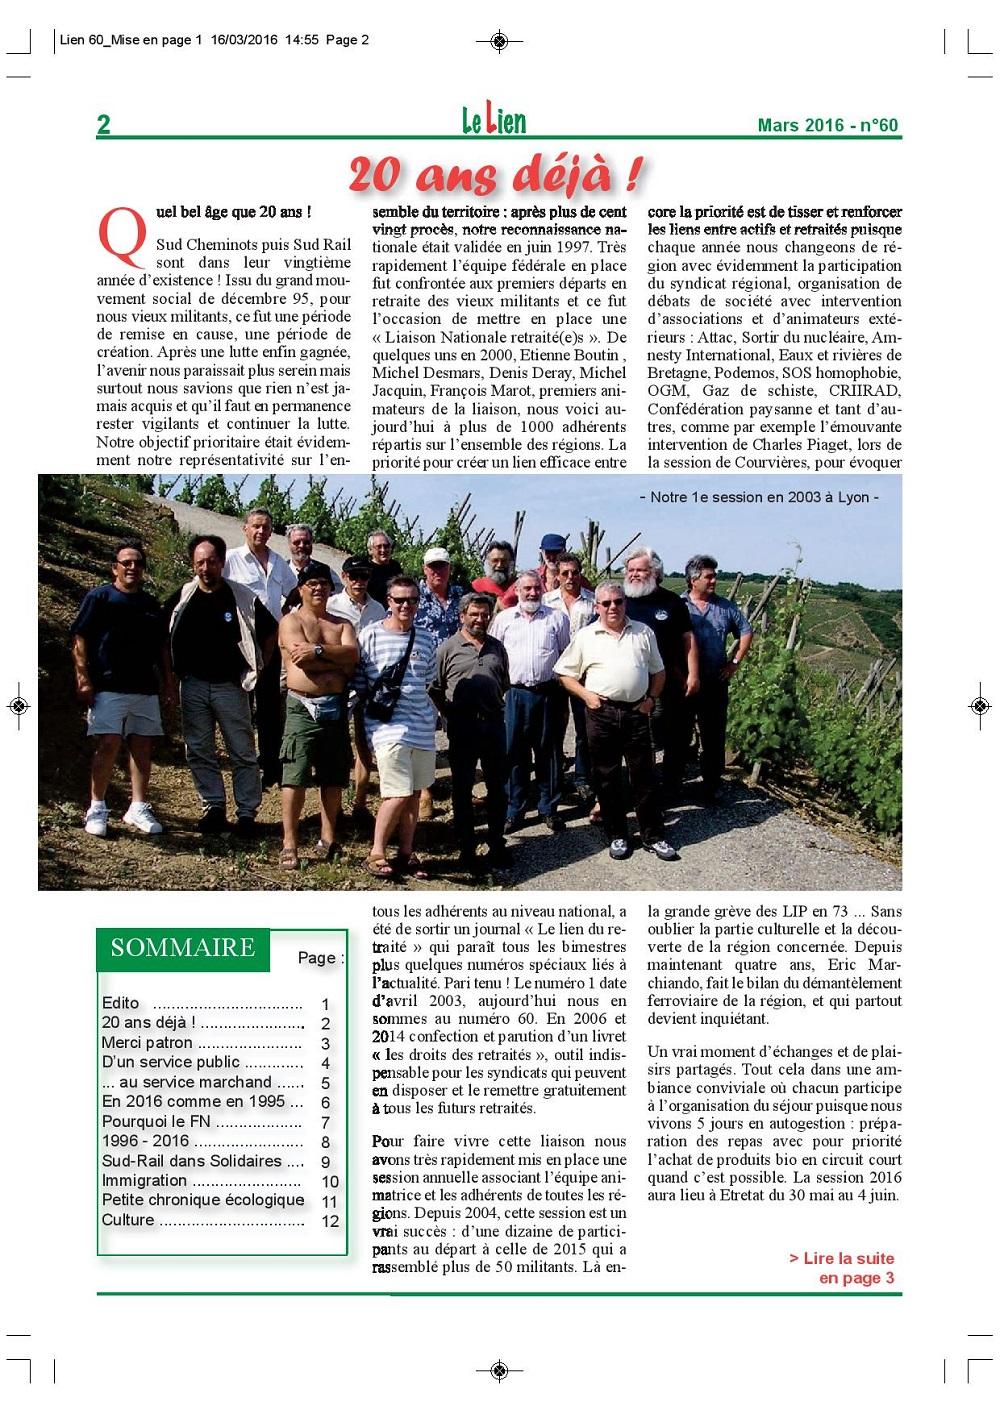 Lien retraite n60-page-002